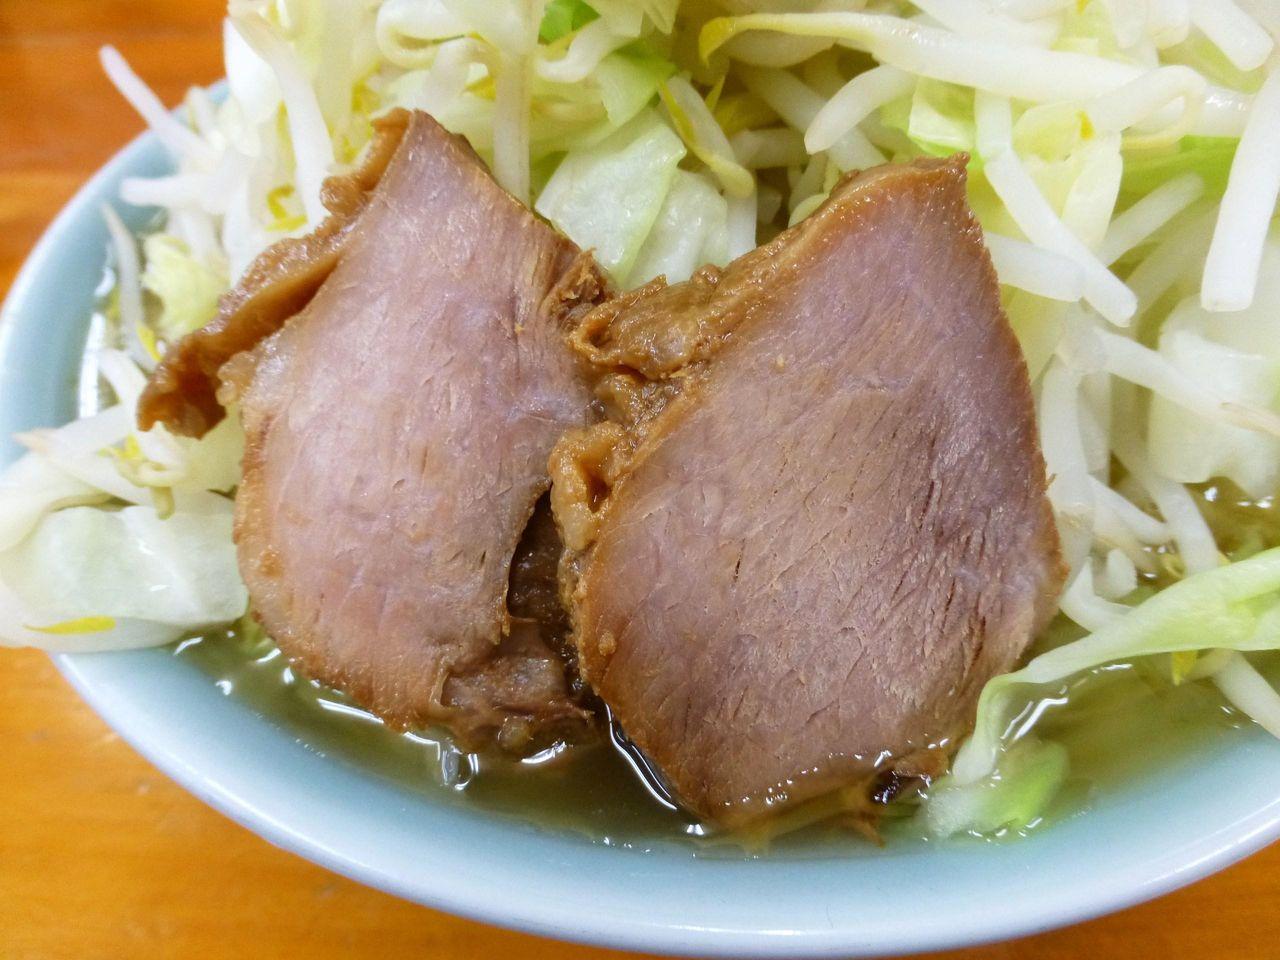 豚は脂身がなく、パサパサで少ししょっぱい味付け!